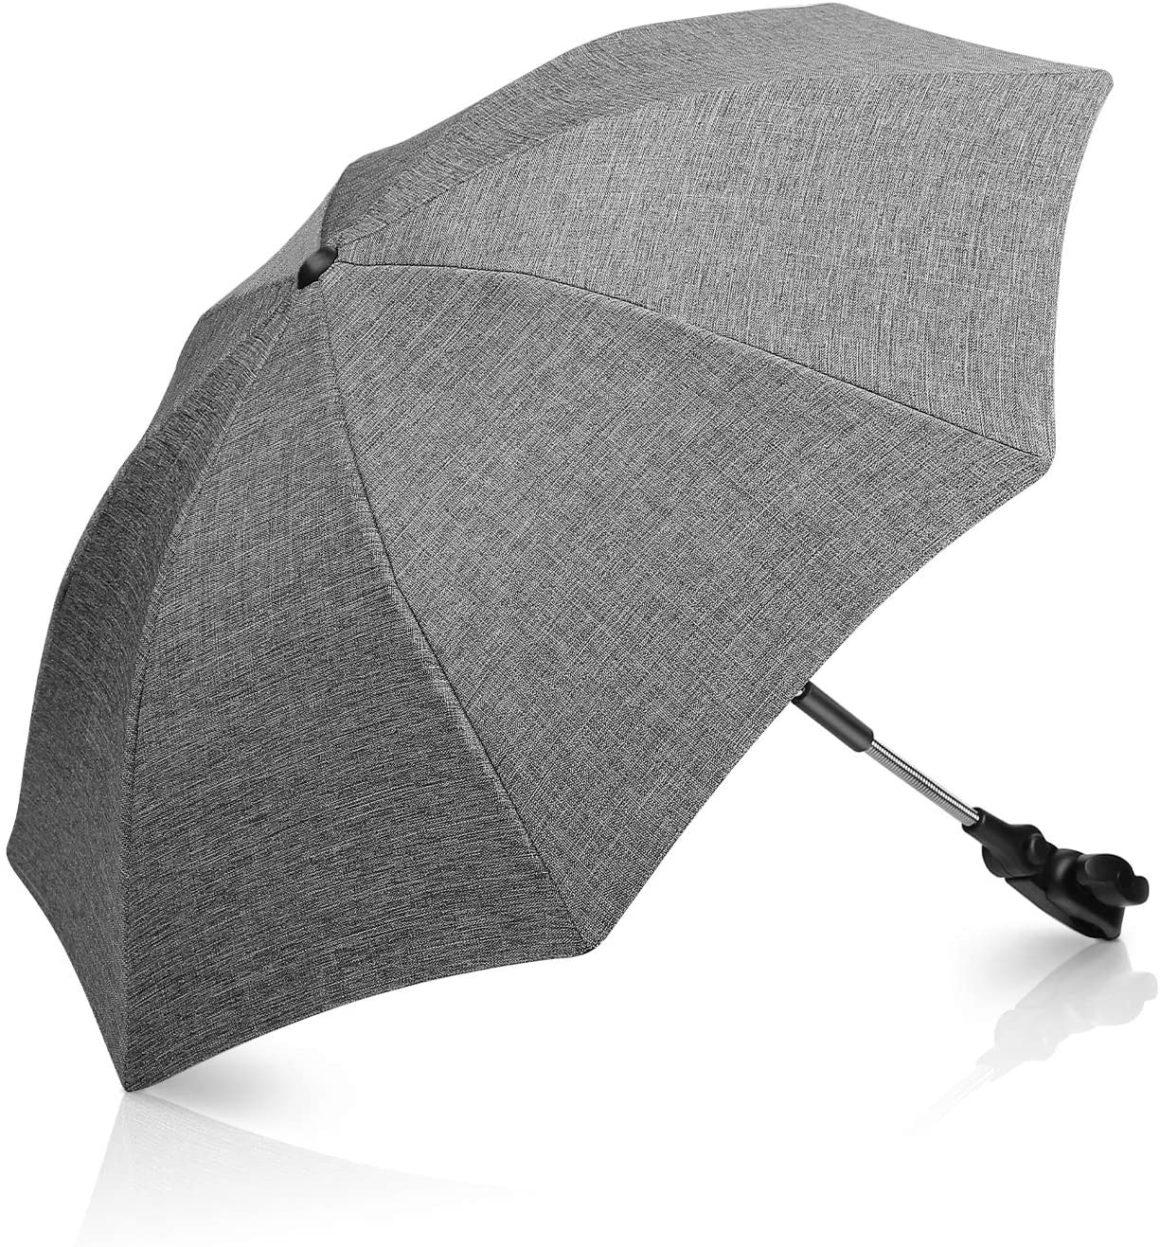 Winload ombrello passeggino flessibile e girevole